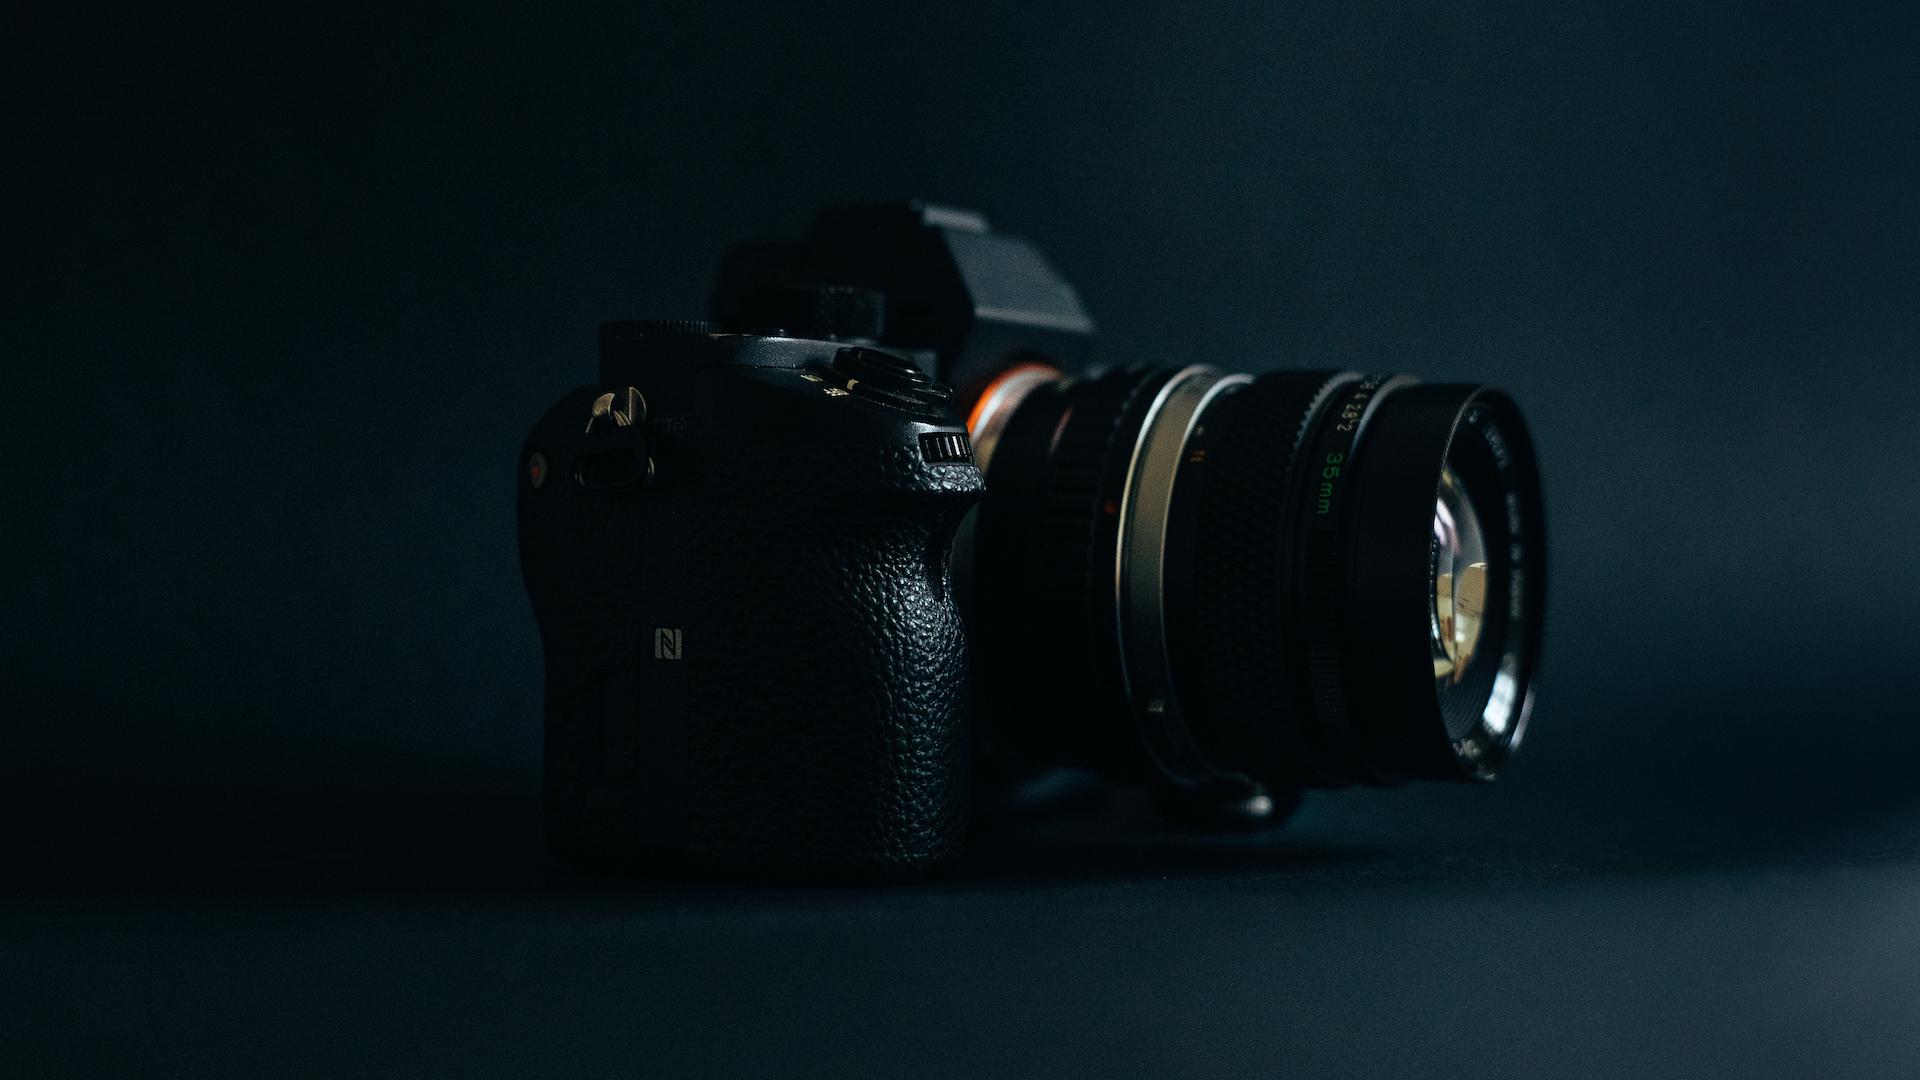 35mm Olympus lens one a Sony A7SII